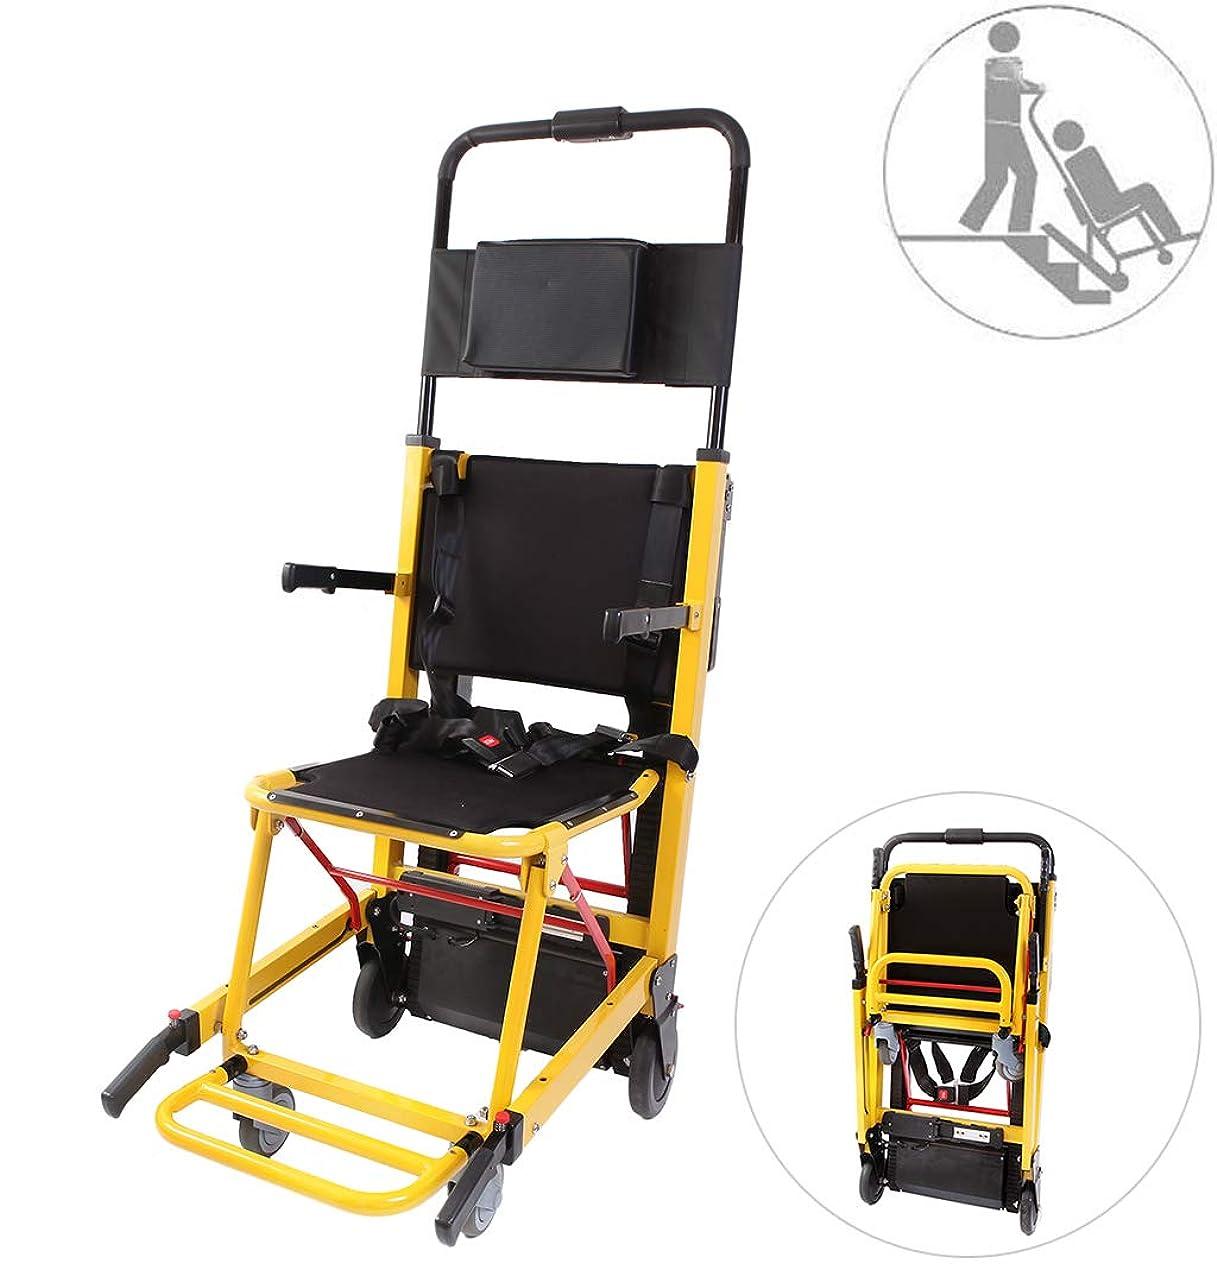 対人スロット聴覚バッテリー駆動のトラック階段昇降チェアヘビーデューティーエマージェンシー軽量折りたたみ避難階段椅子、積載量365ポンド